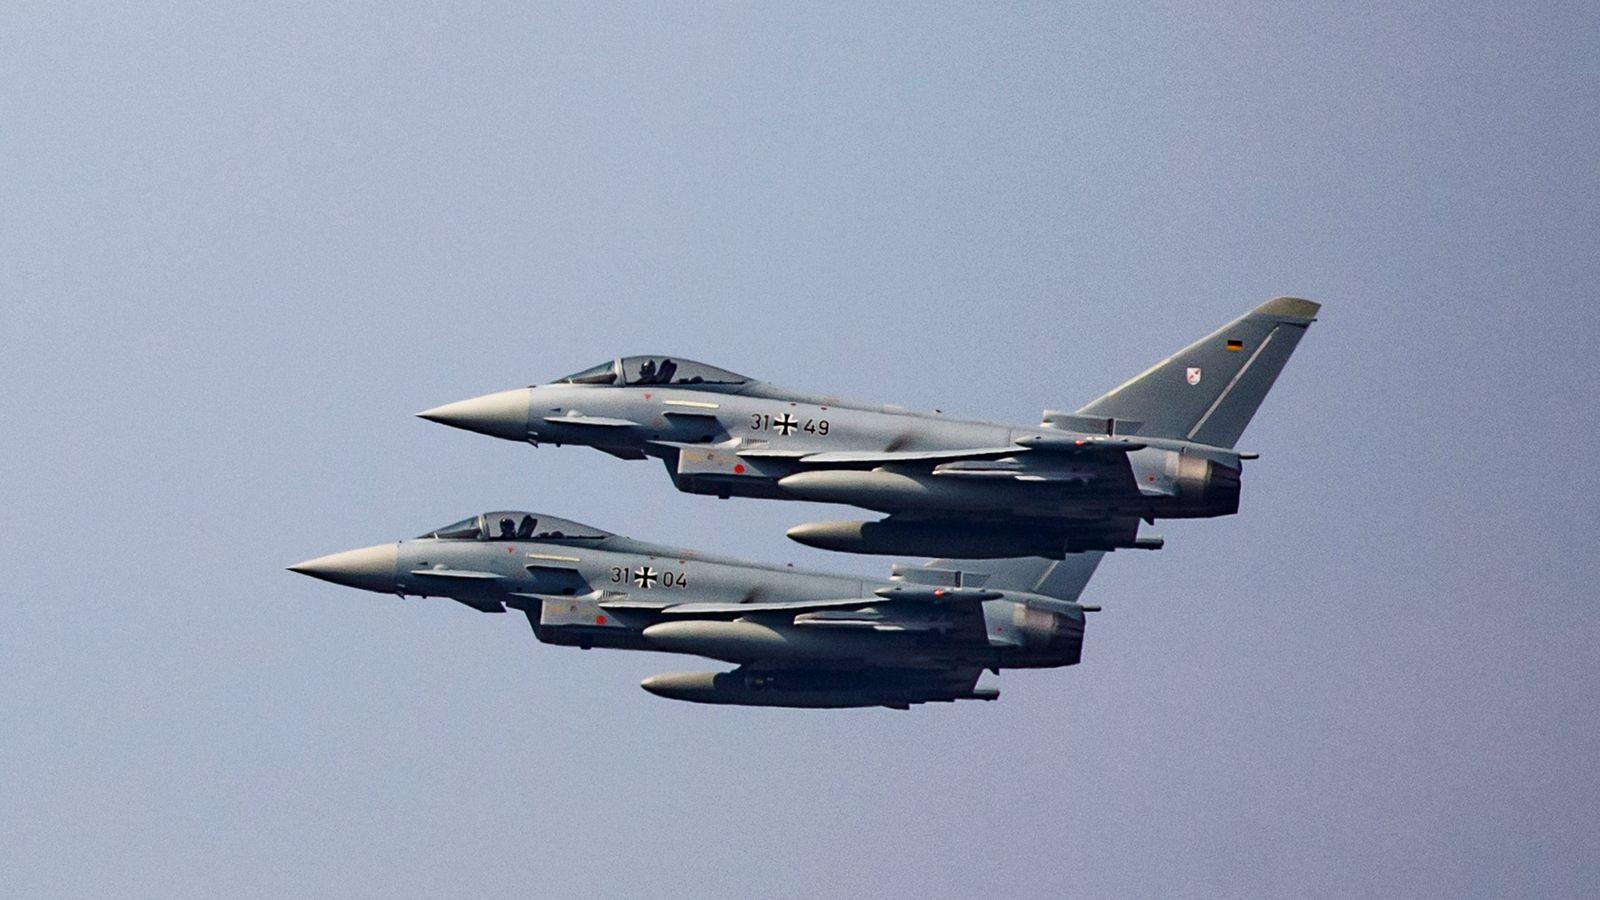 В Германии столкнулись два истребителя: пилоты успели катапультироваться